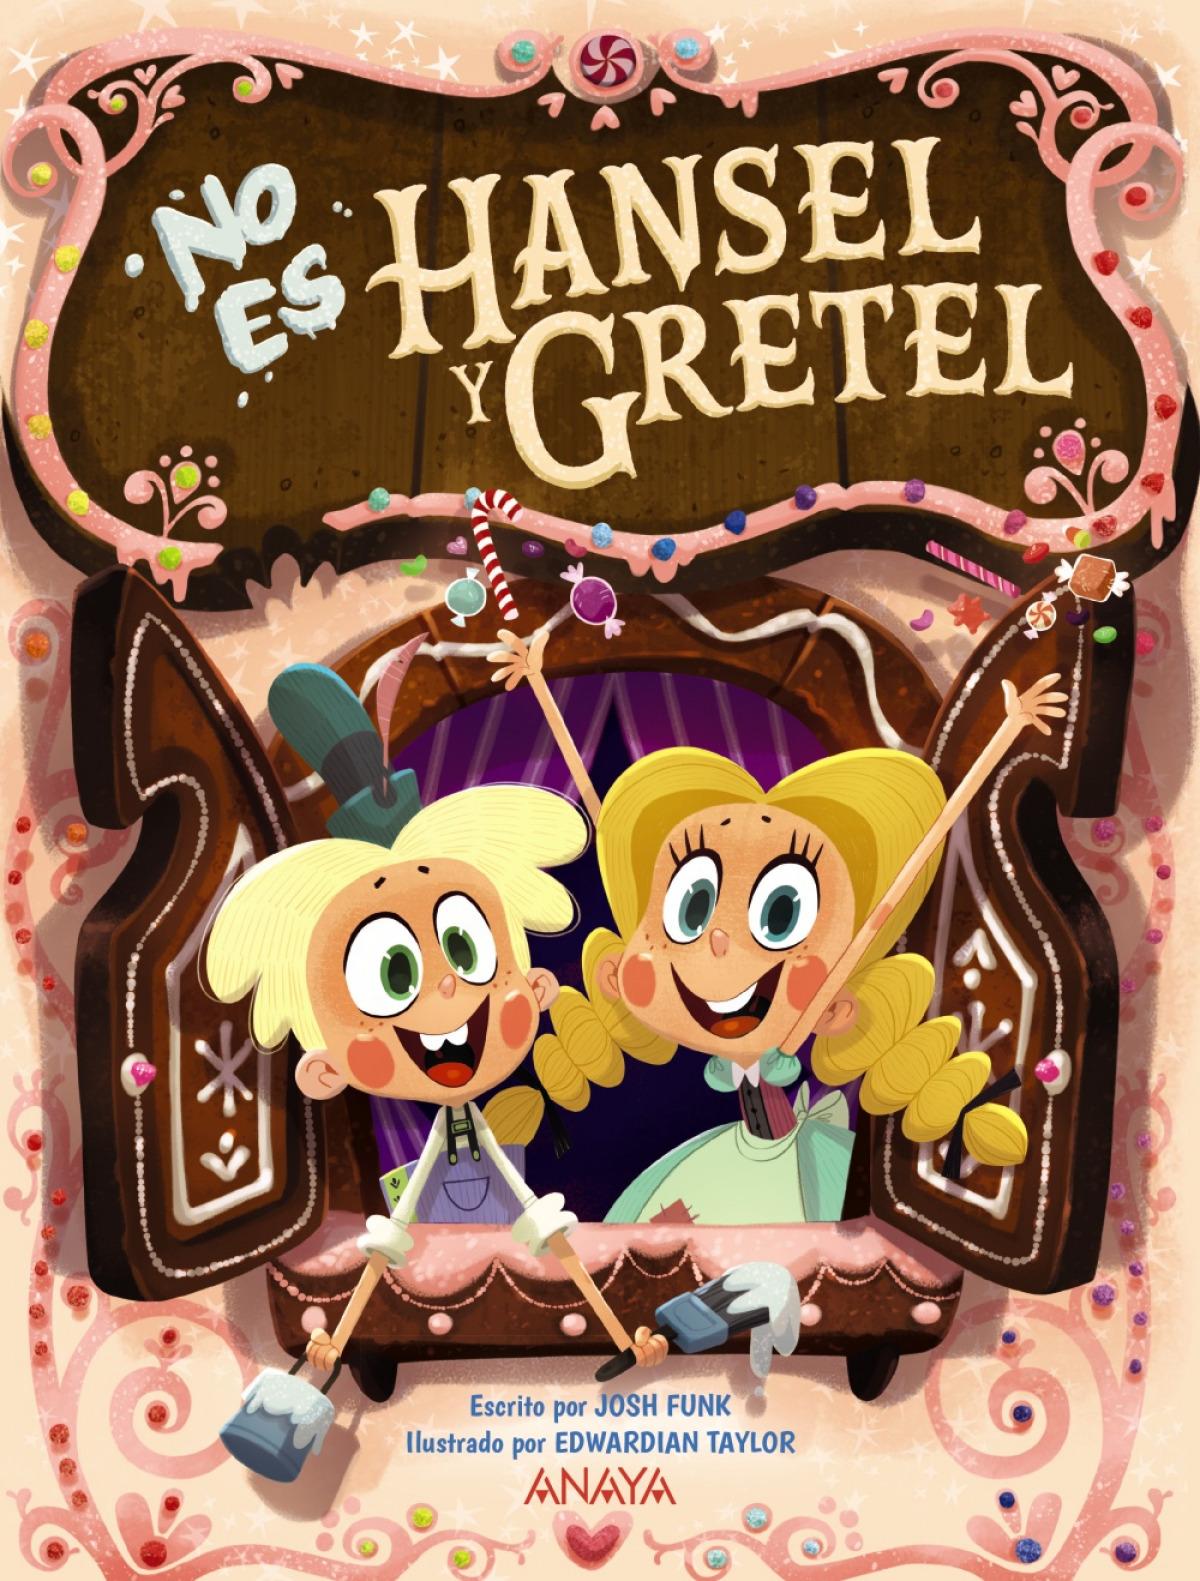 No es Hansel y Gretel